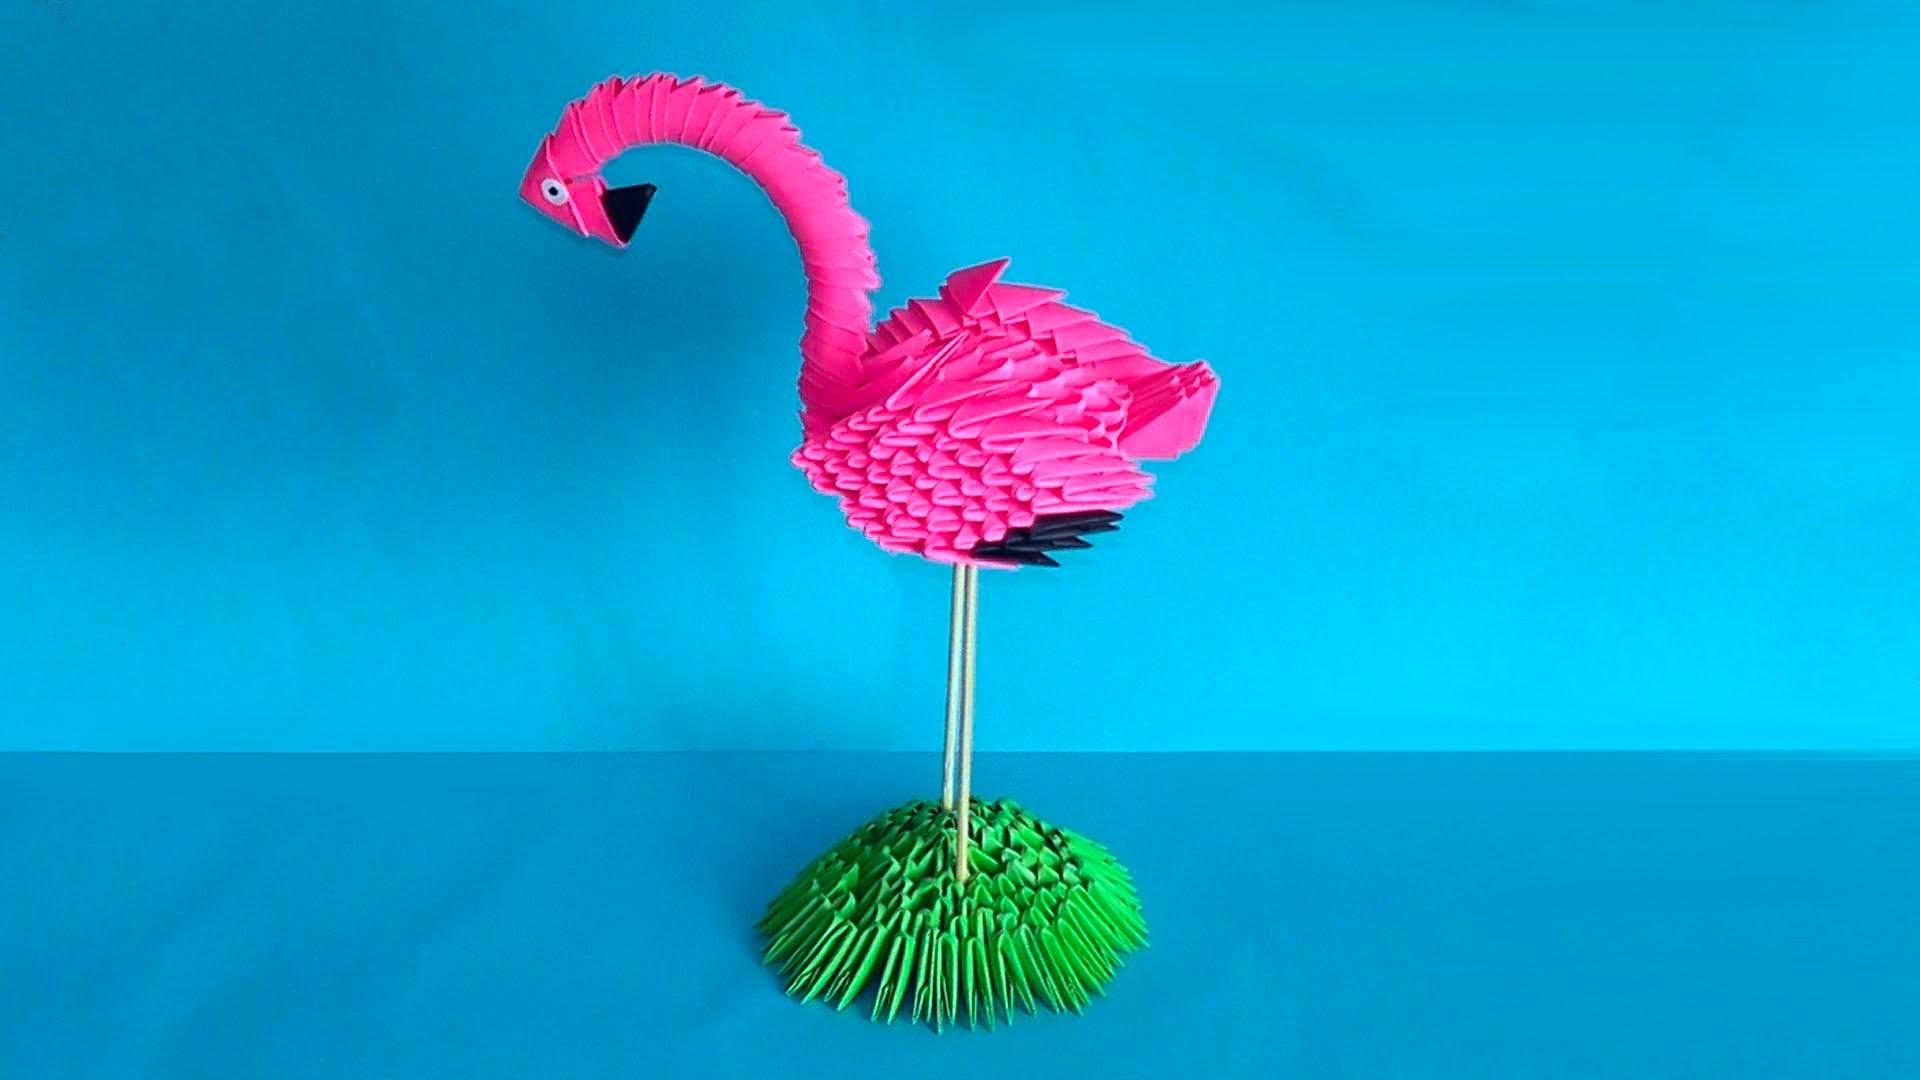 How to make 3D origami bird flamingo master class (tutorial)